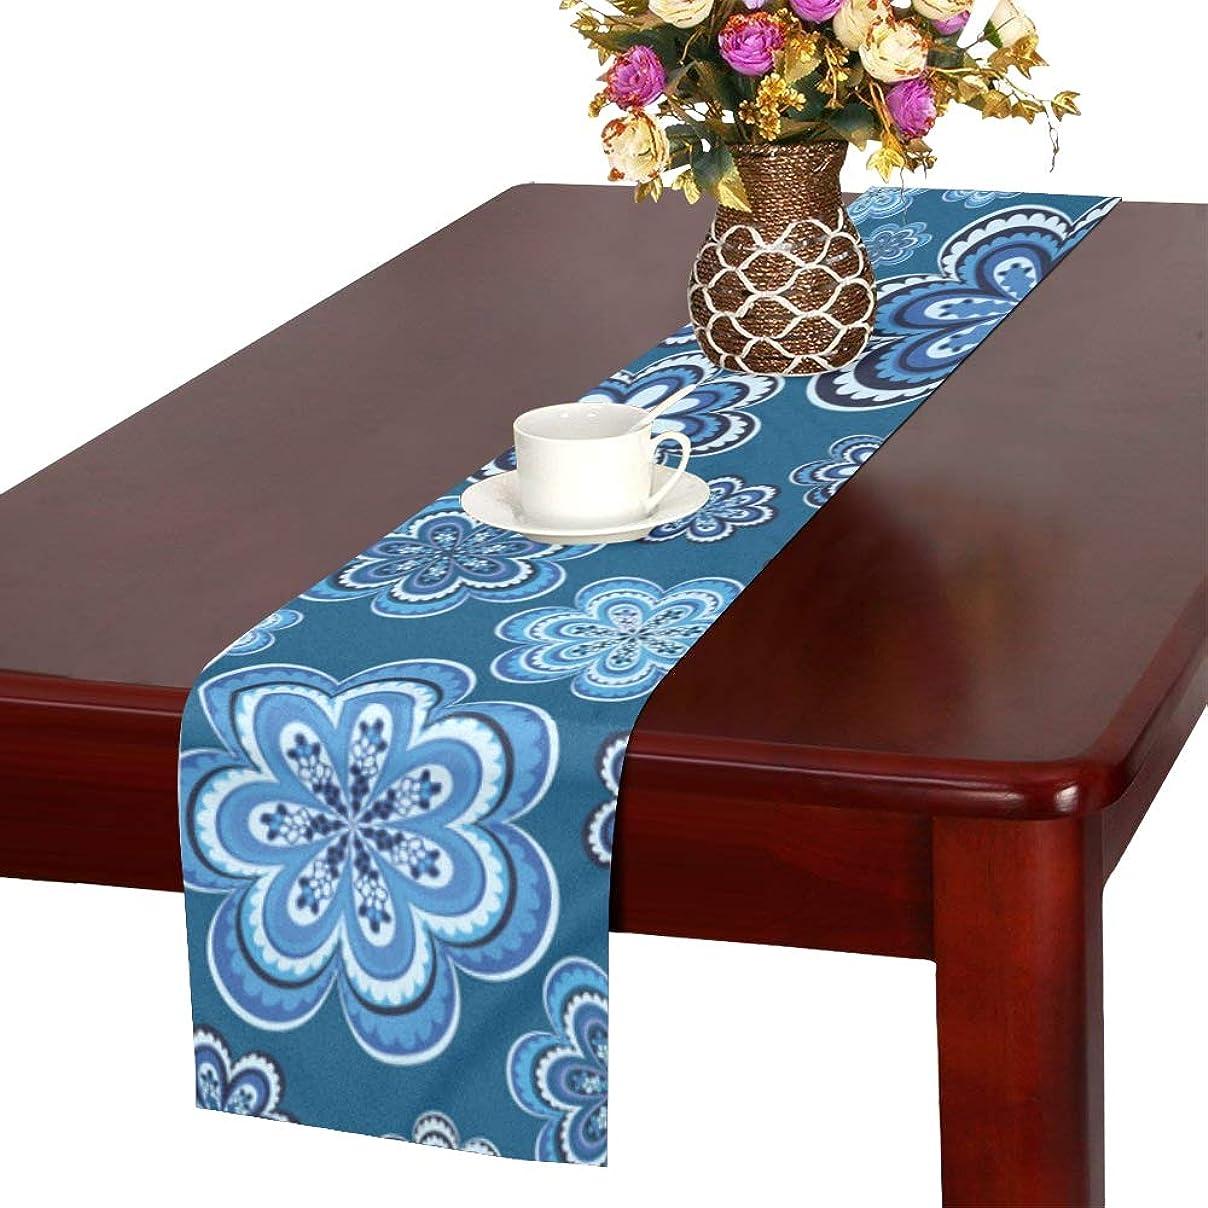 再生的流星軽蔑するLKCDNG テーブルランナー ブルー きれい 和風の花 クロス 食卓カバー 麻綿製 欧米 おしゃれ 16 Inch X 72 Inch (40cm X 182cm) キッチン ダイニング ホーム デコレーション モダン リビング 洗える